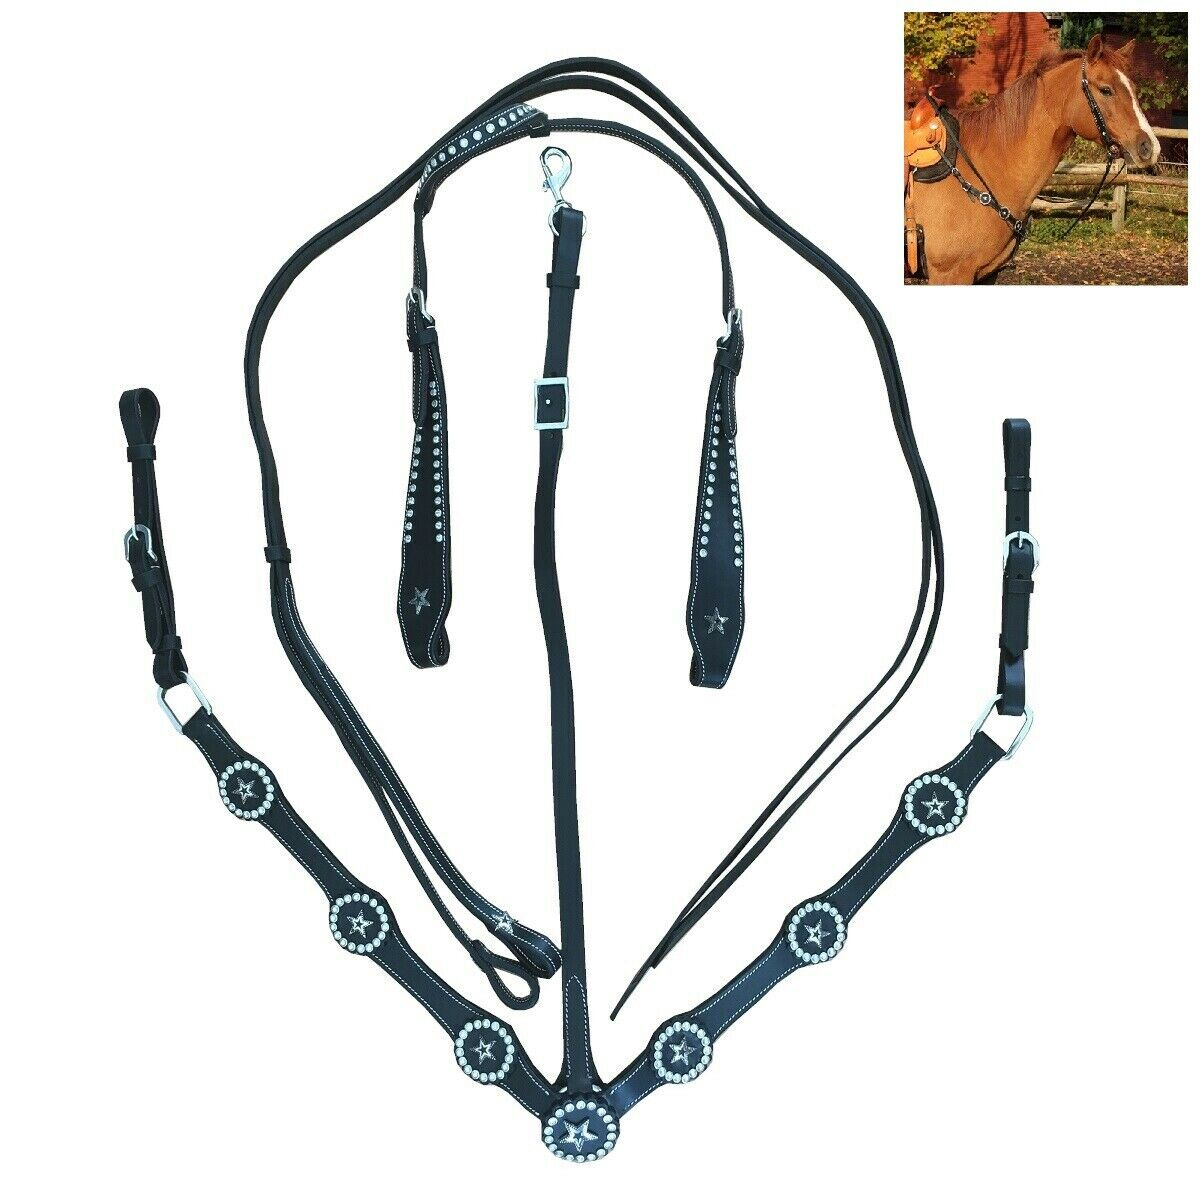 Pferde Zubehör Leder Western Einohrtrense mit Zügel und Vorderzeug black